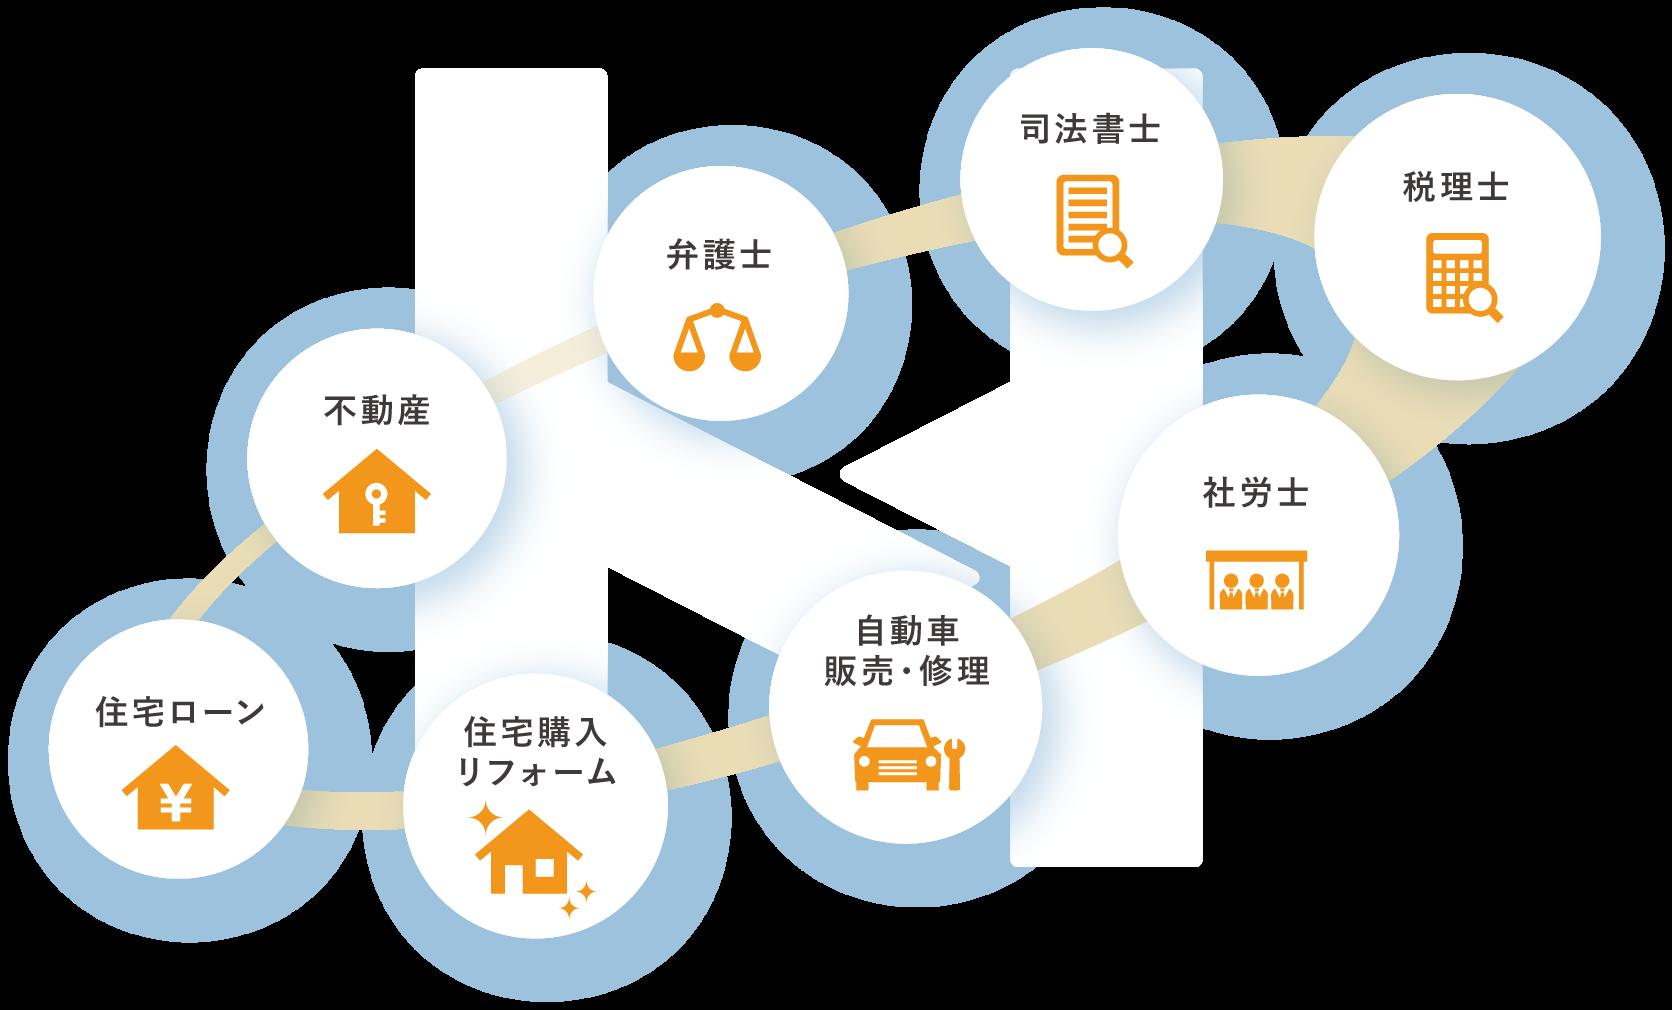 ネットワークの図